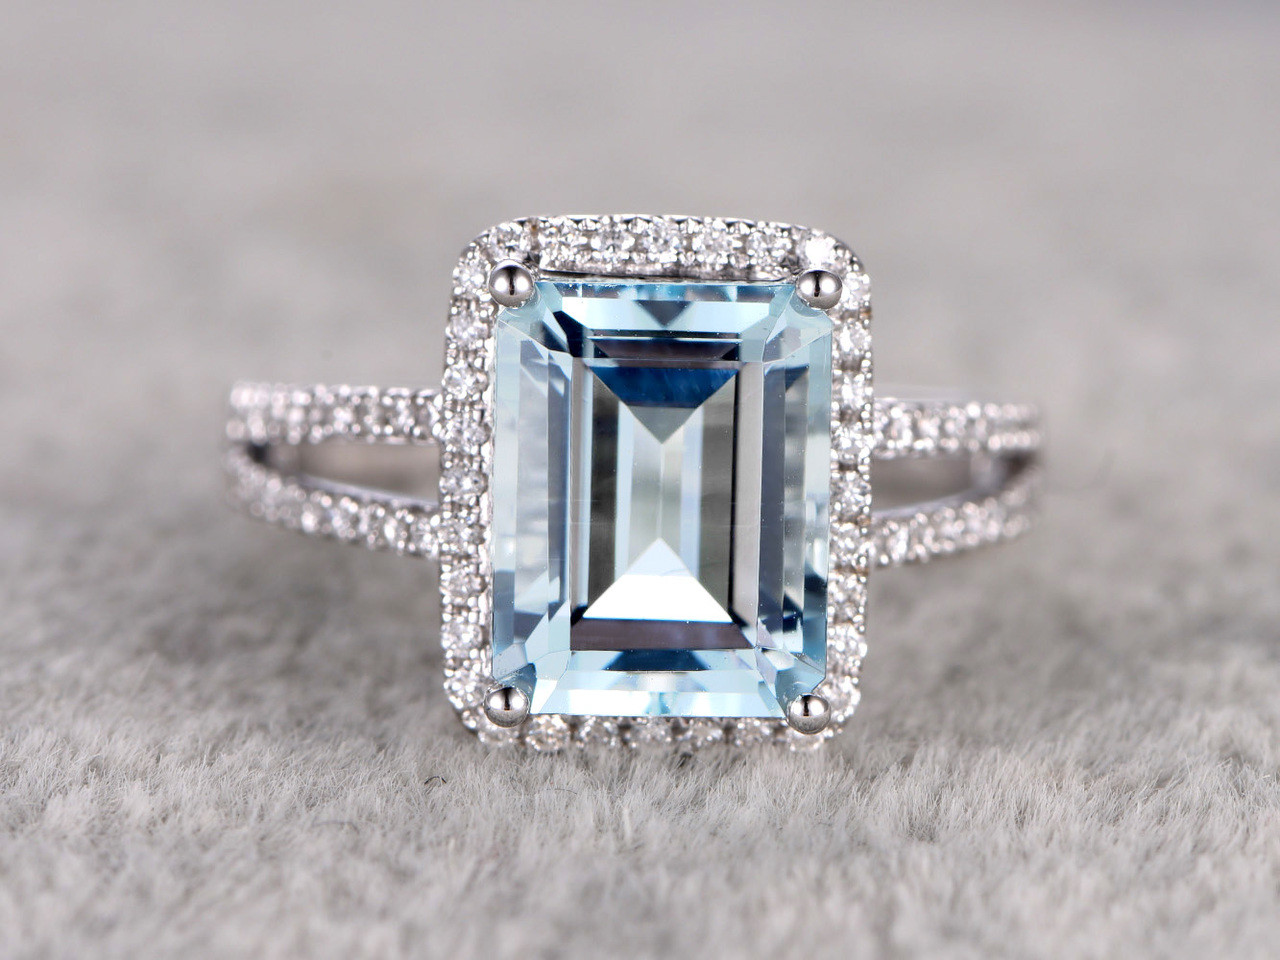 aquamarine engagement rings aquamarine wedding rings mm Emerald Cut Aquamarine Engagement Ring Diamond Wedding Ring 14k White Gold Split Shank Halo Prong